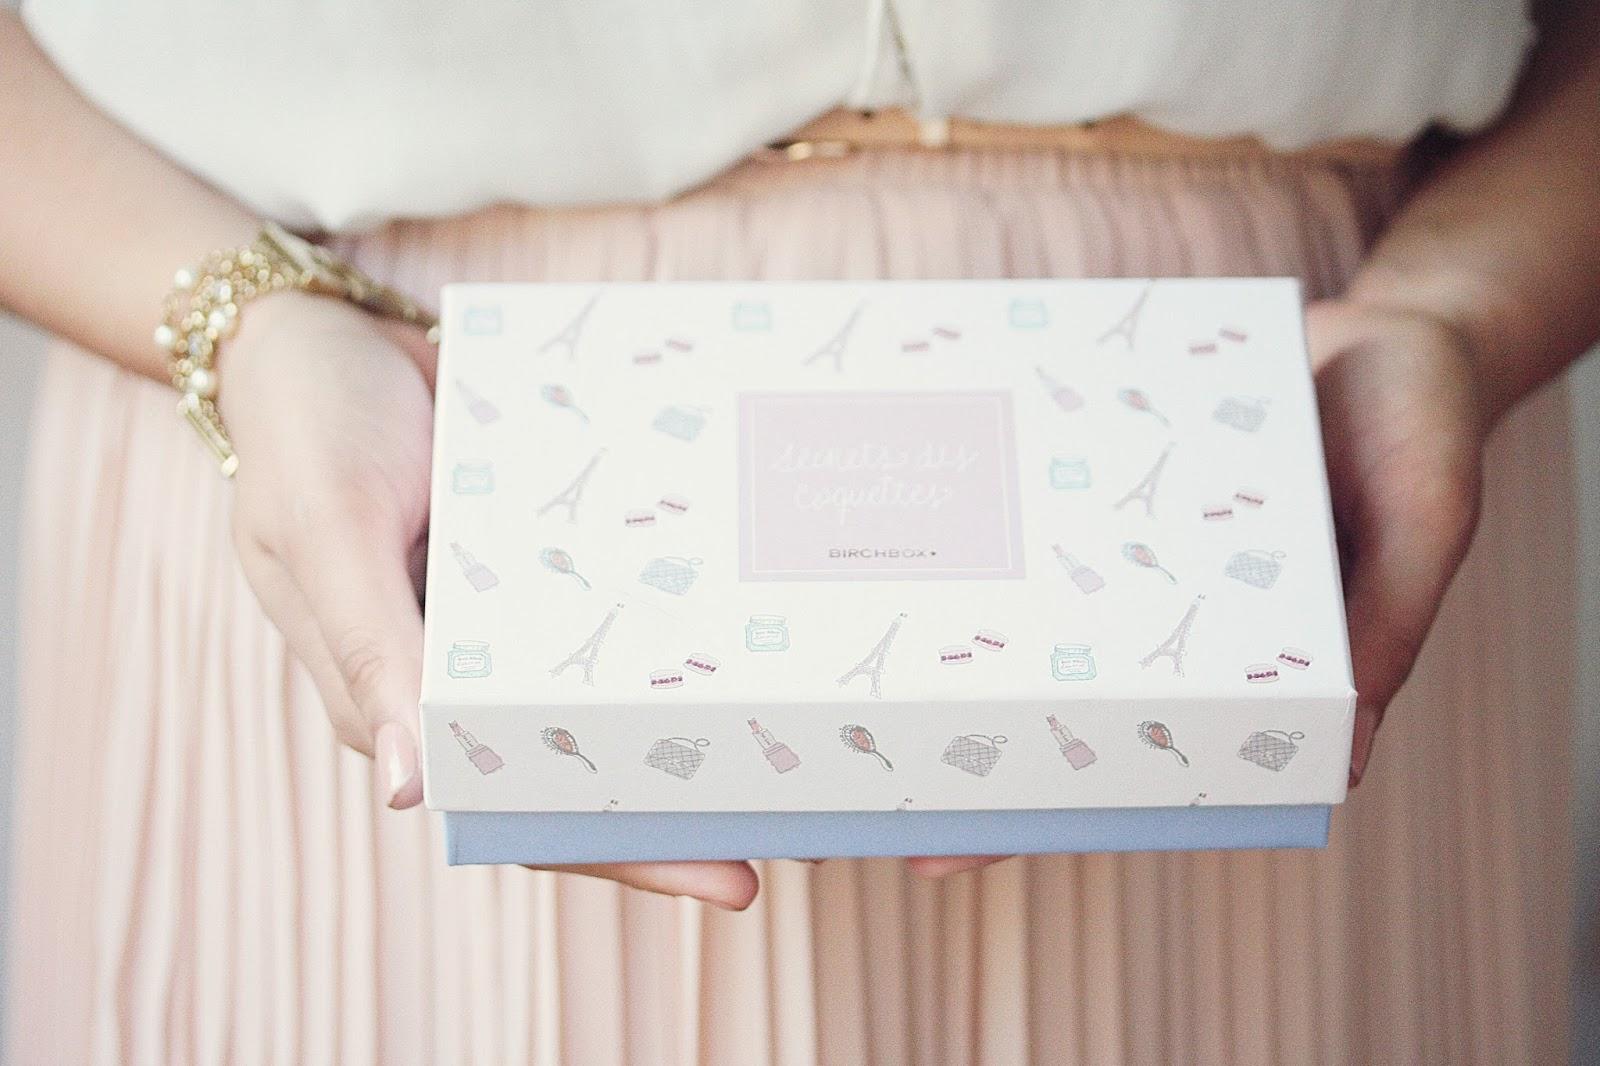 http://www.rosemademoiselle.com/2015/10/sdcxbirchbox_85.html